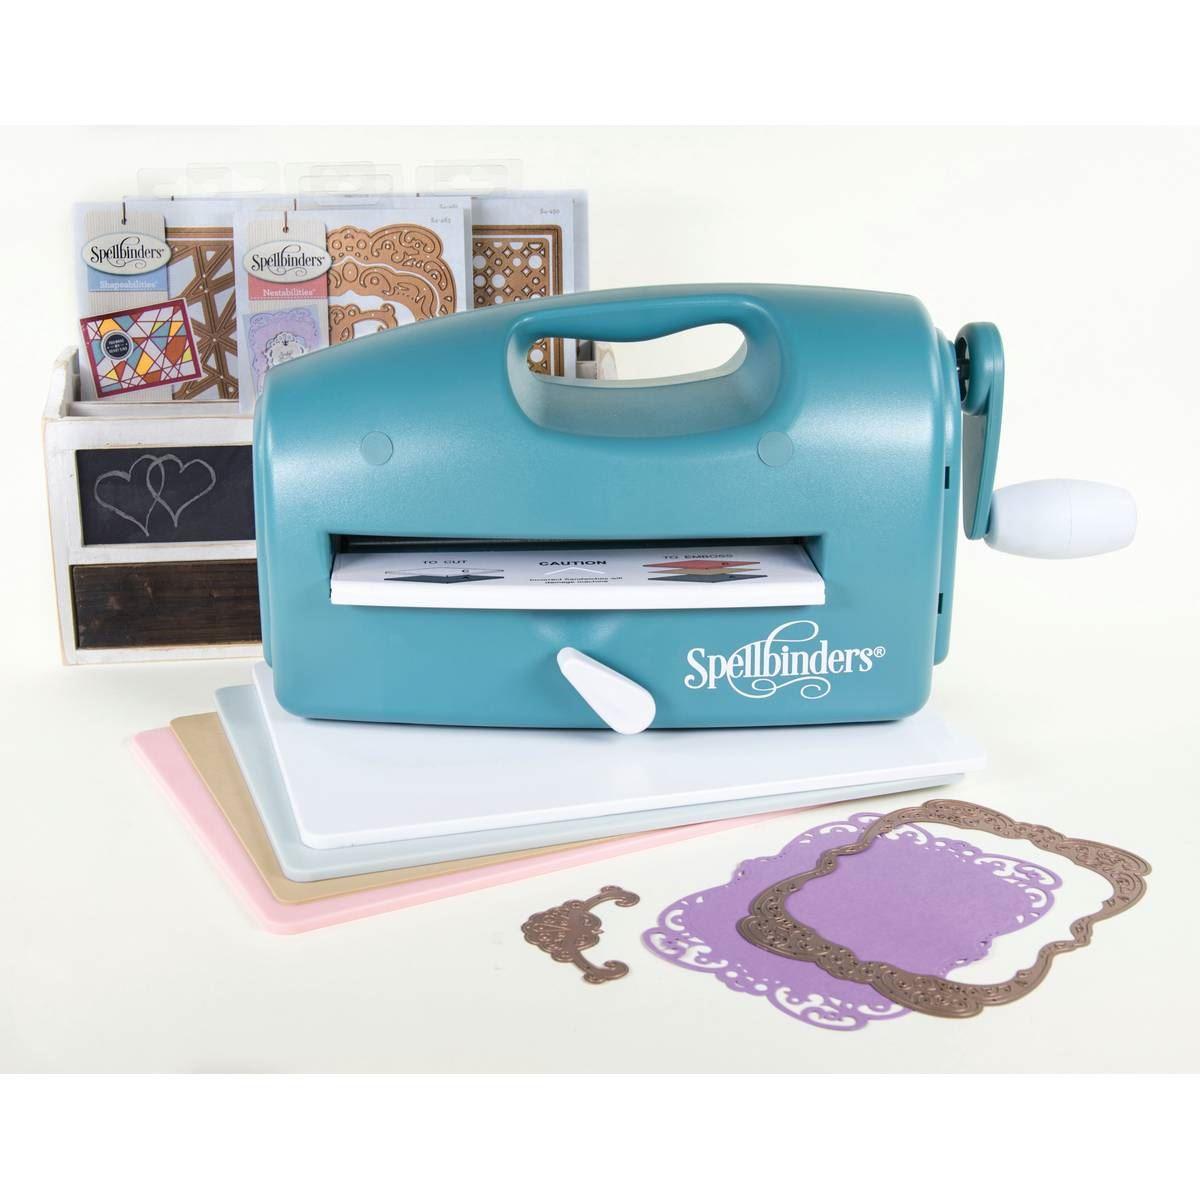 spellbinders new die cutting machine